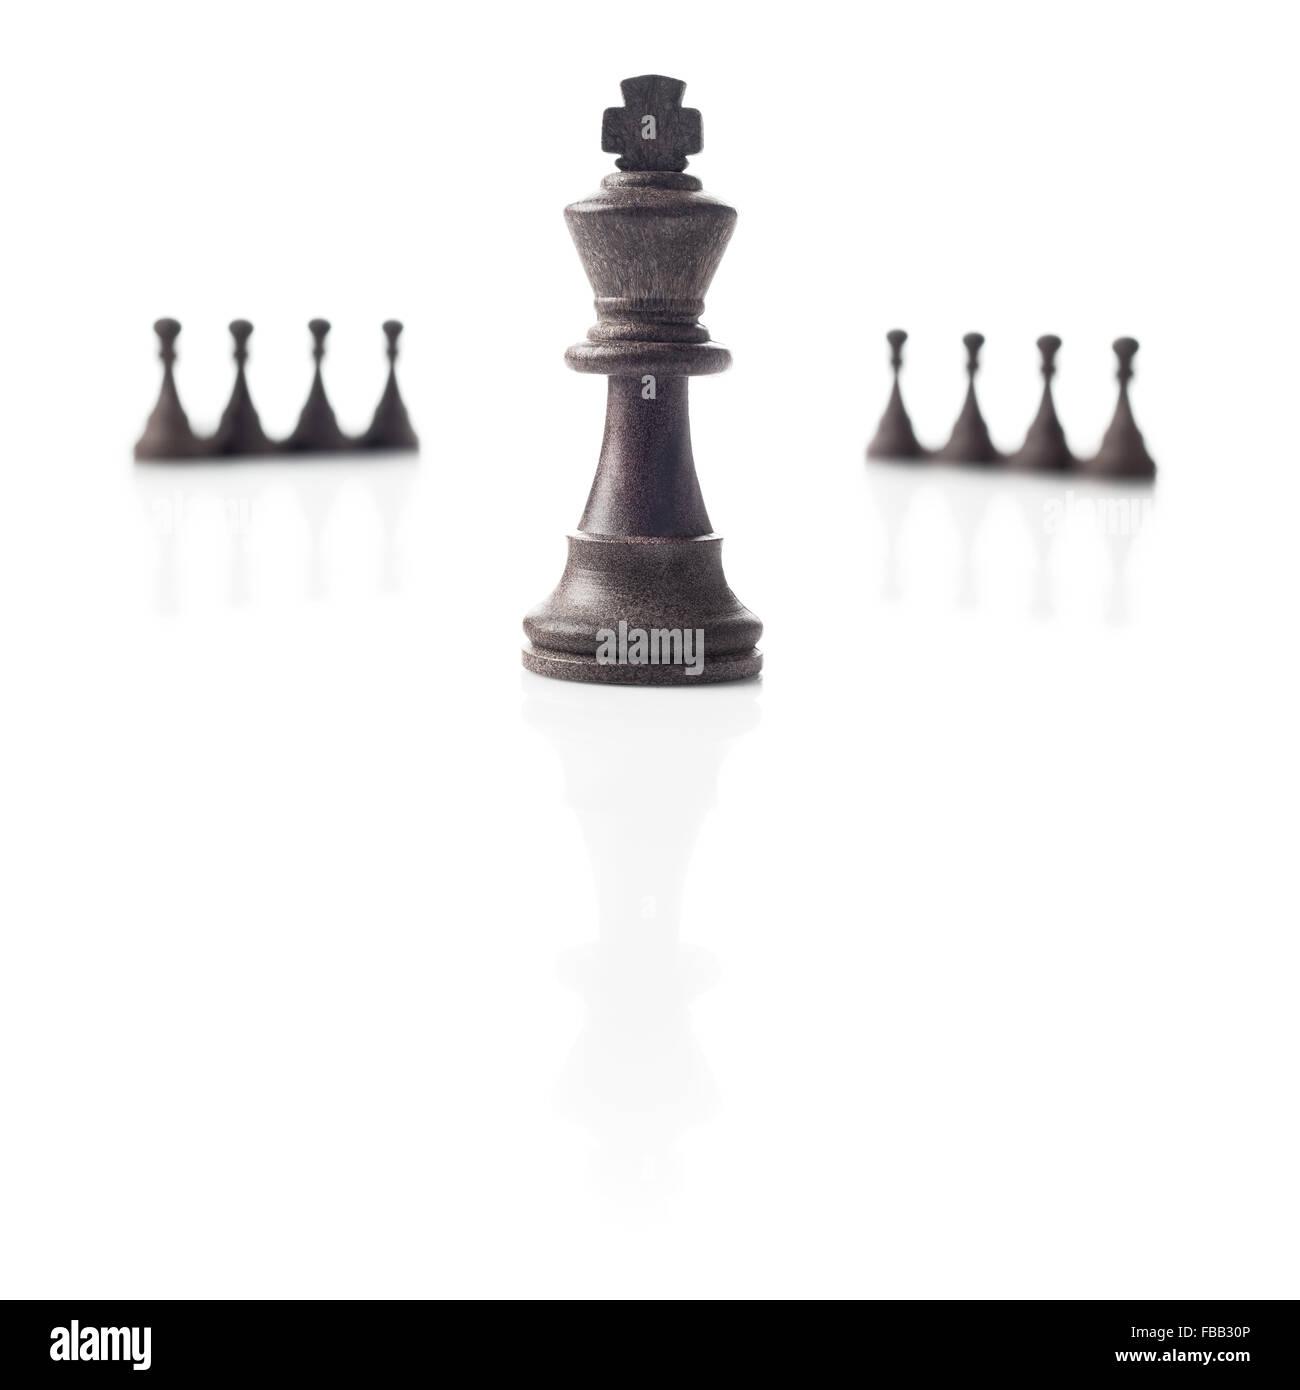 Schach. Schwarzer König, acht Bauern aus dem Fokus und ihre Schatten auf weißem Hintergrund. Leistung, Stockbild